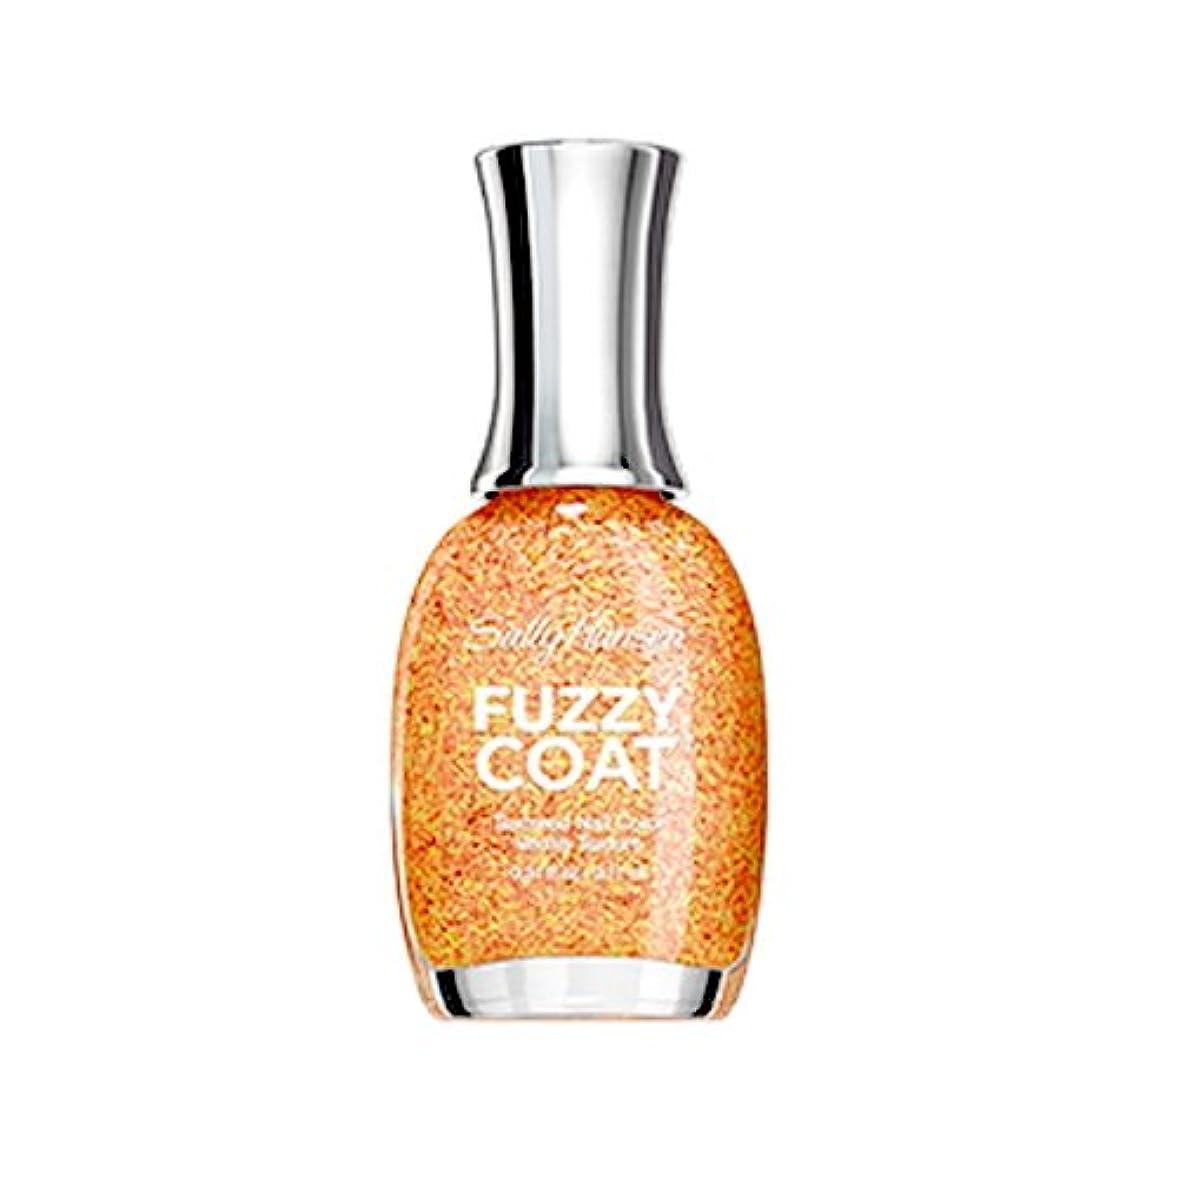 悪意のあるコマース脚本家SALLY HANSEN Fuzzy Coat Special Effect Textured Nail Color - Peach Fuzz (並行輸入品)